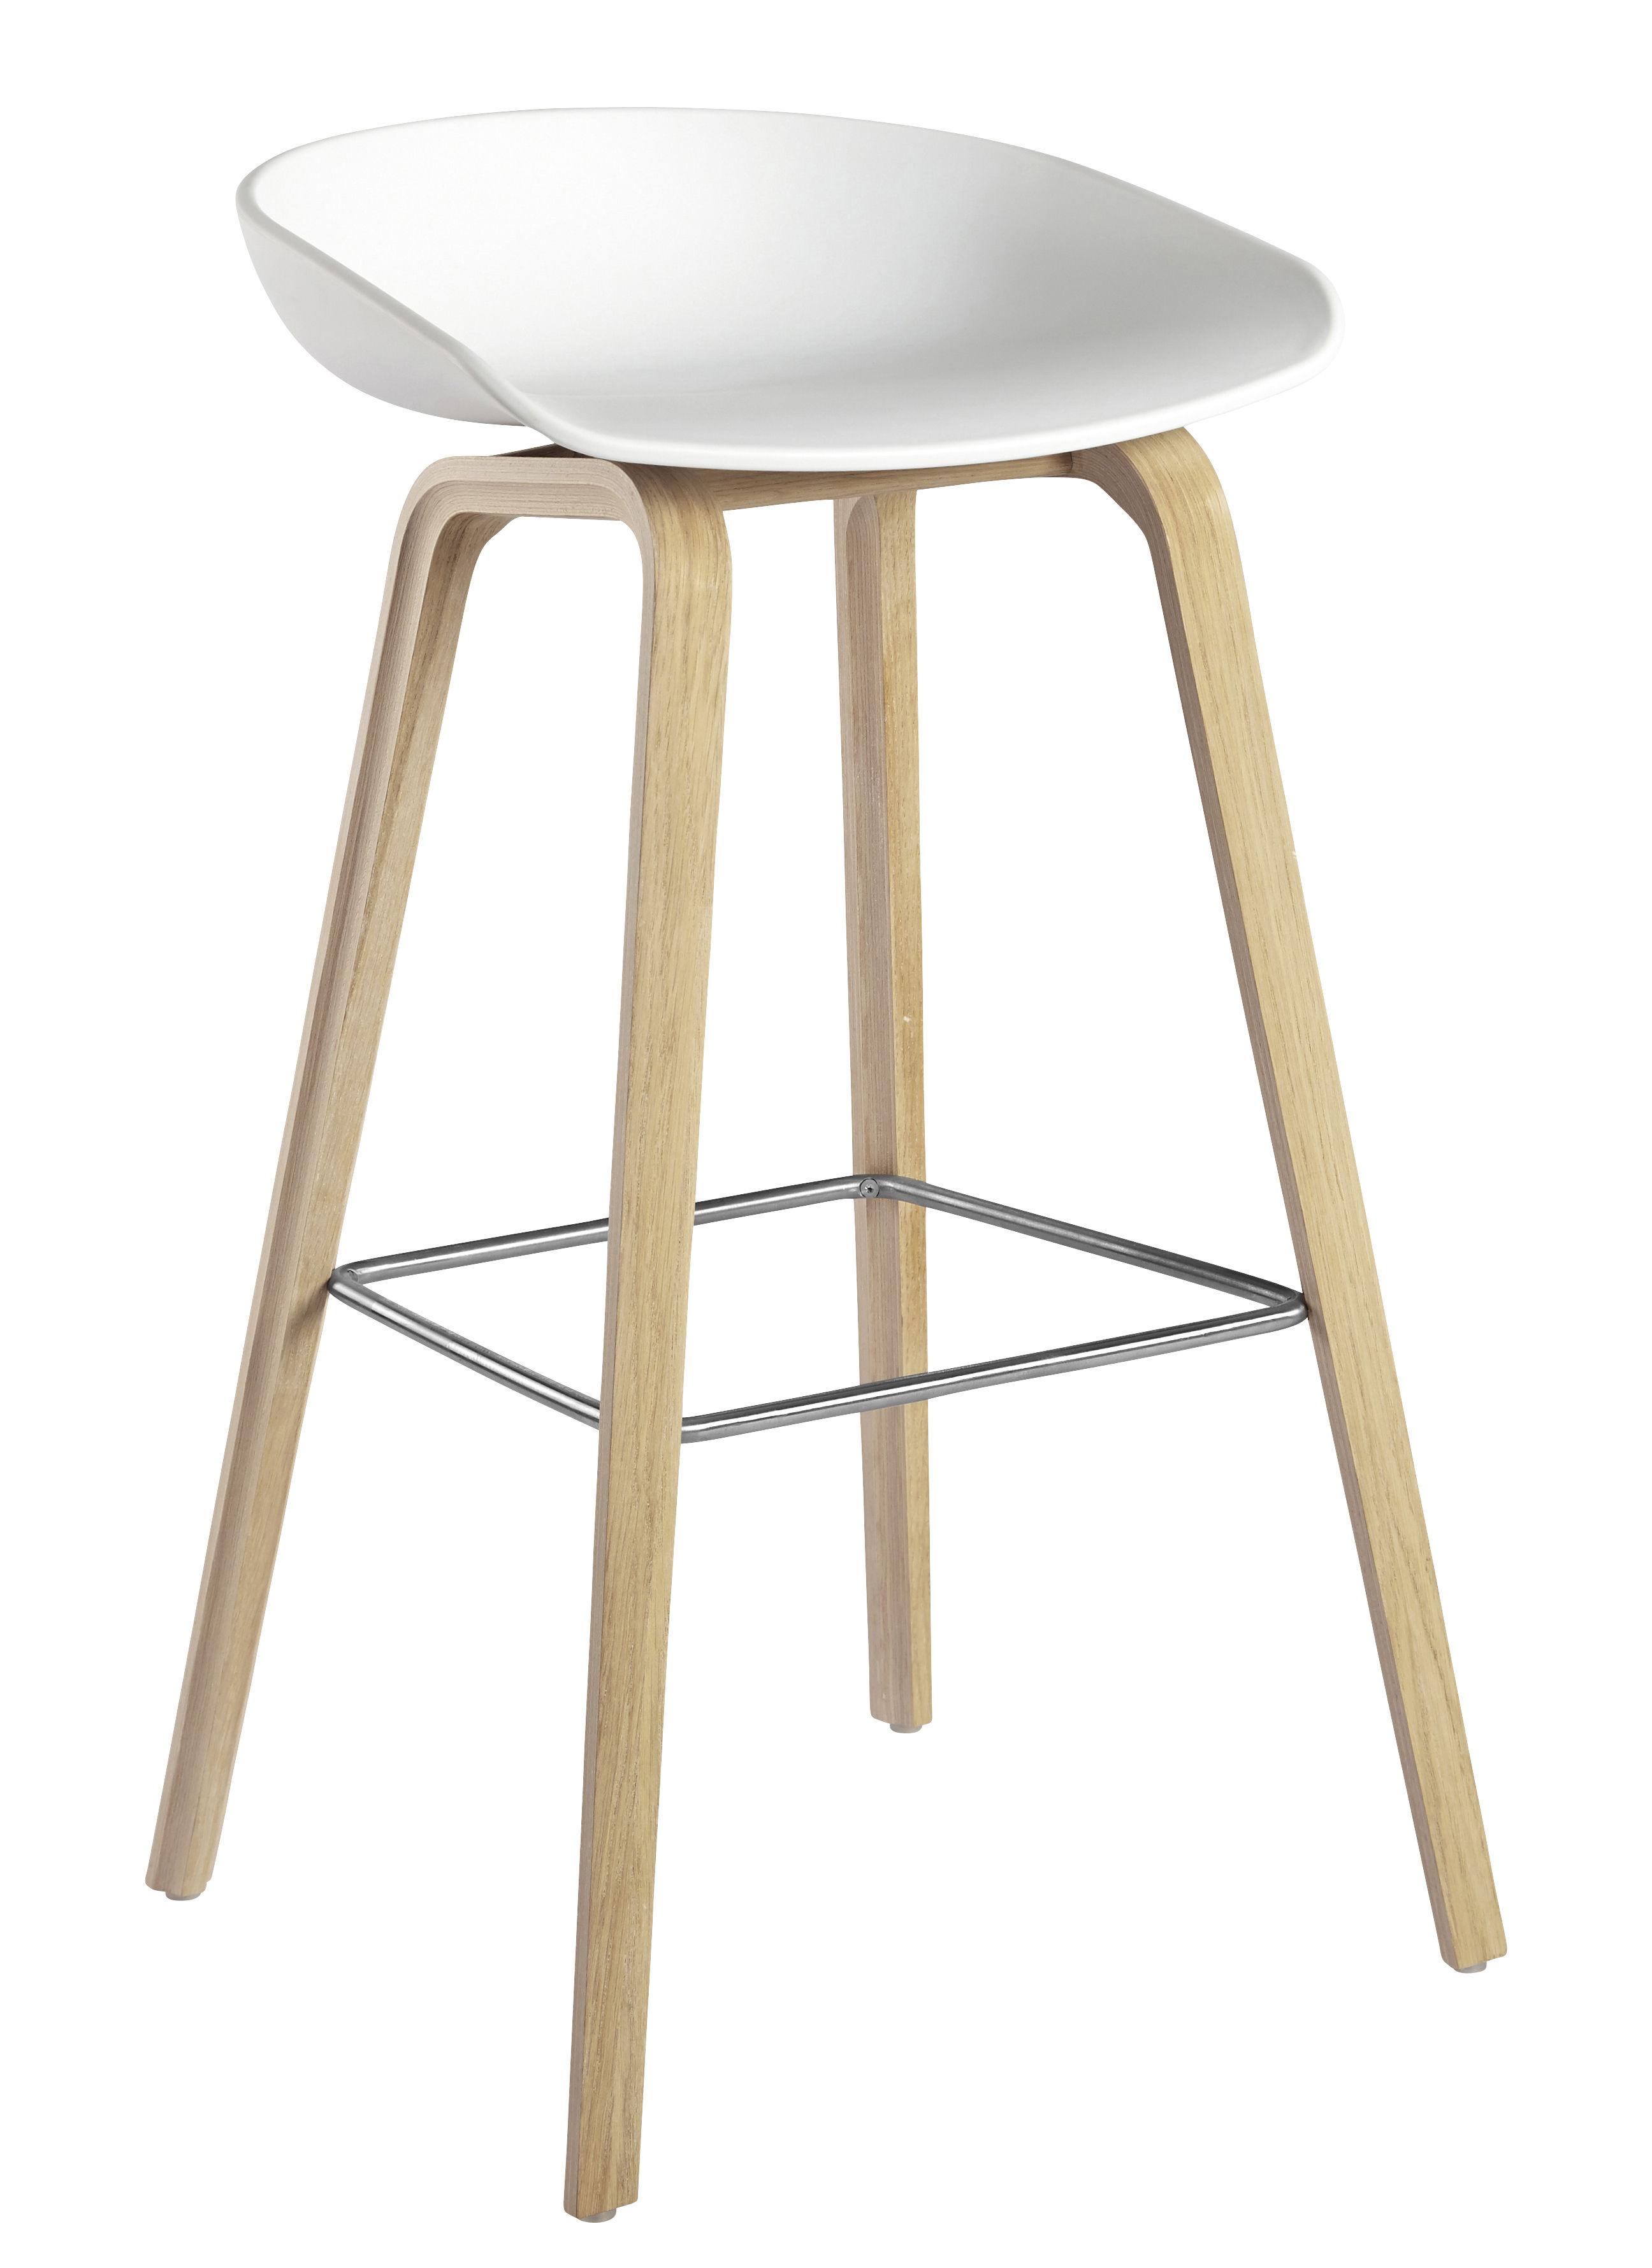 Arredamento - Sgabelli da bar  - Sgabello bar About a stool di Hay - Bianco & Base legno naturale - Polipropilene, Rovere